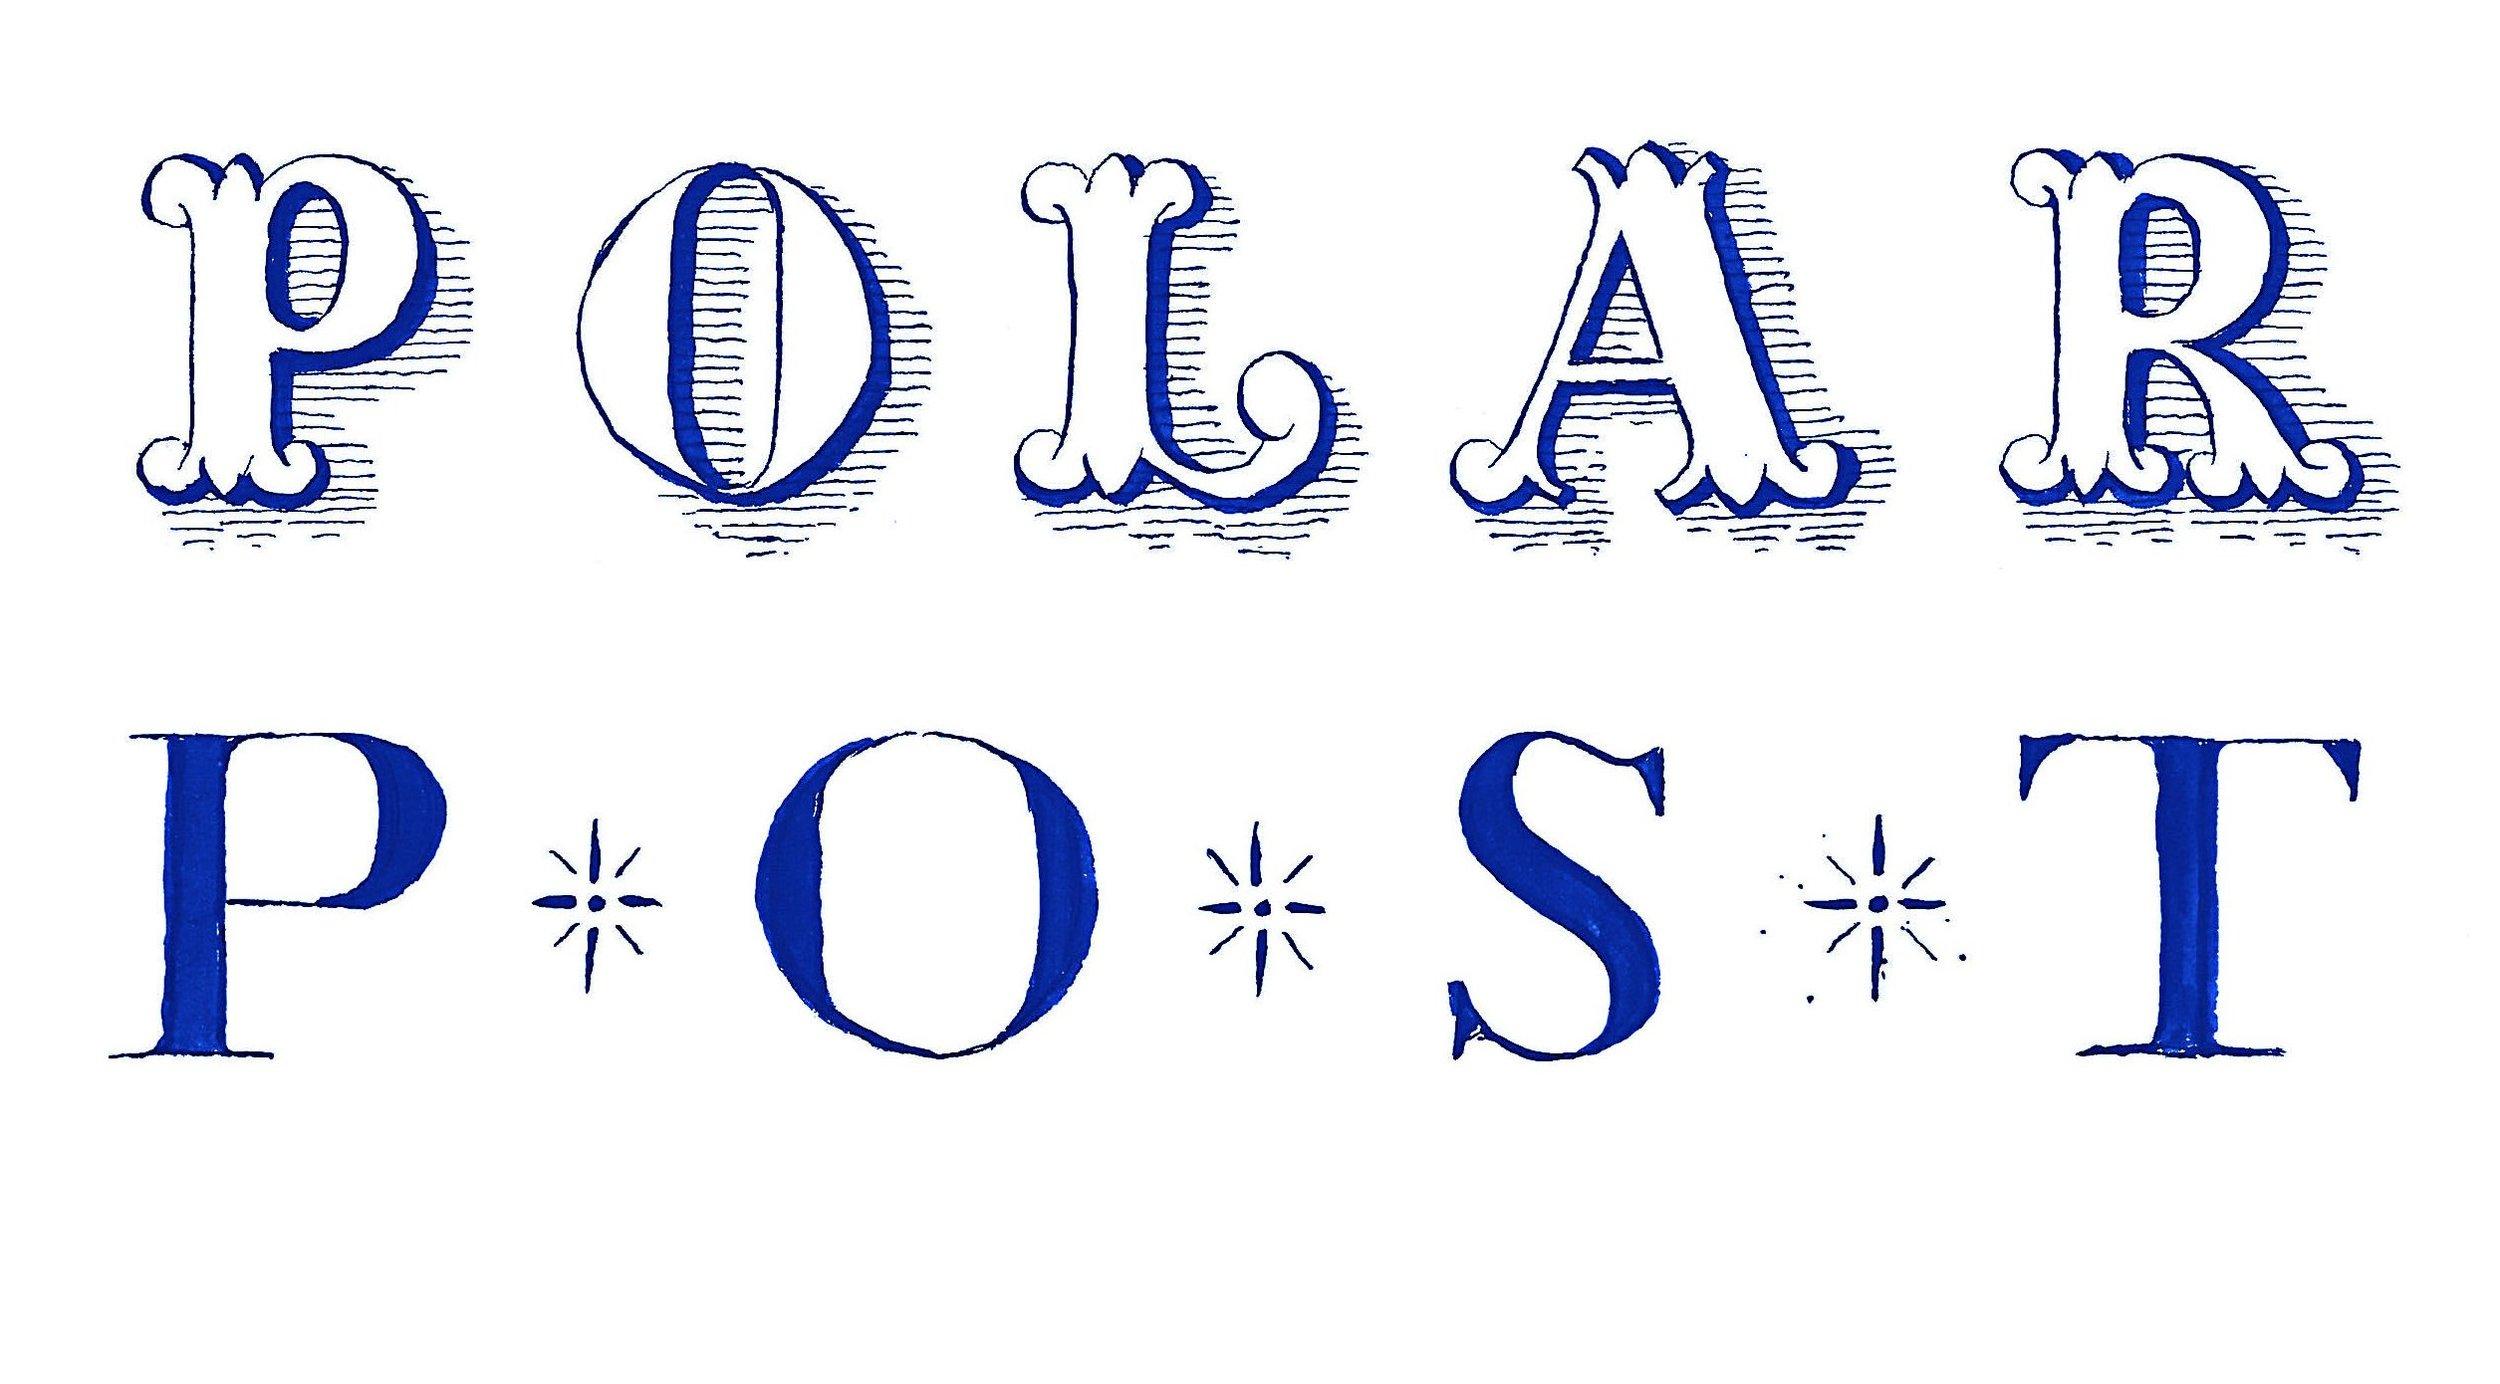 Logo_cropped_3bde237b-5f17-471c-bd89-c7cb2334fa44.jpg